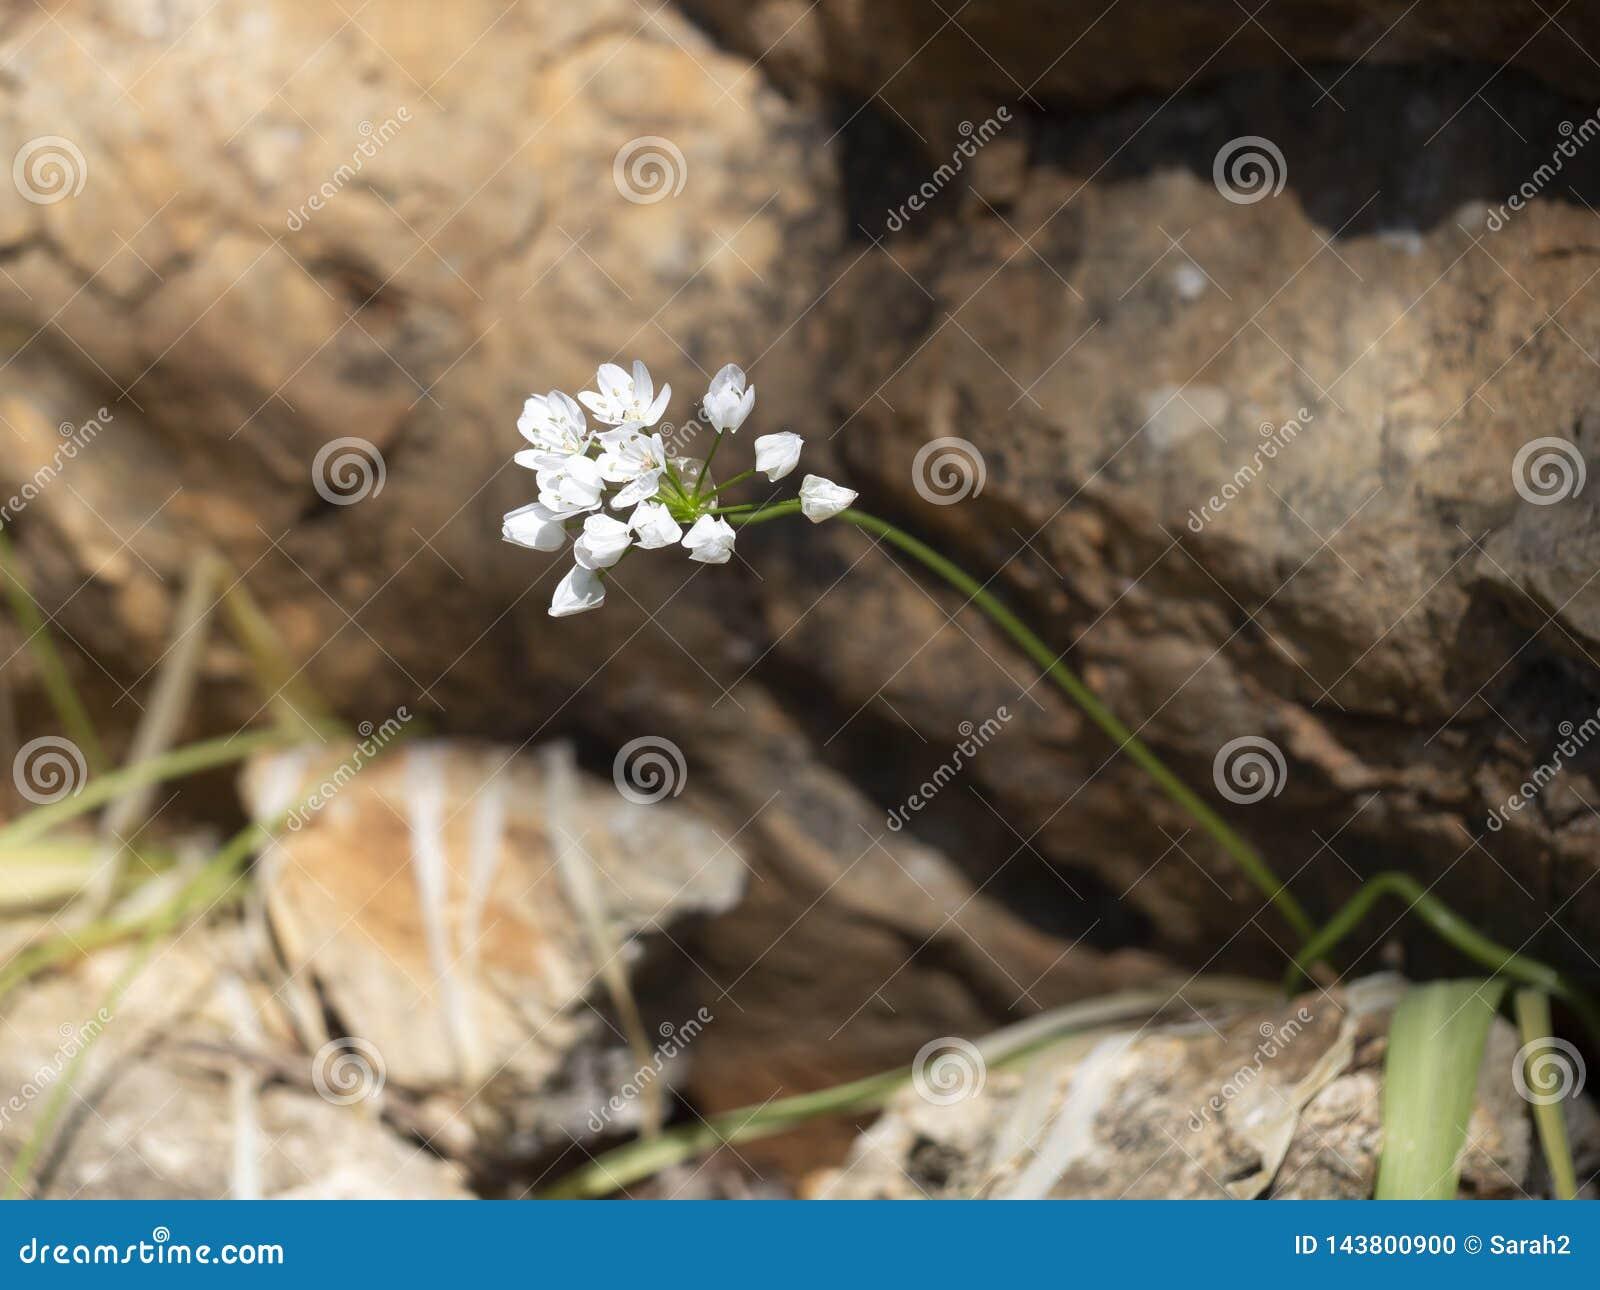 野生蒜植物努力在岩石地形生存 尽管困难的一个幸存者